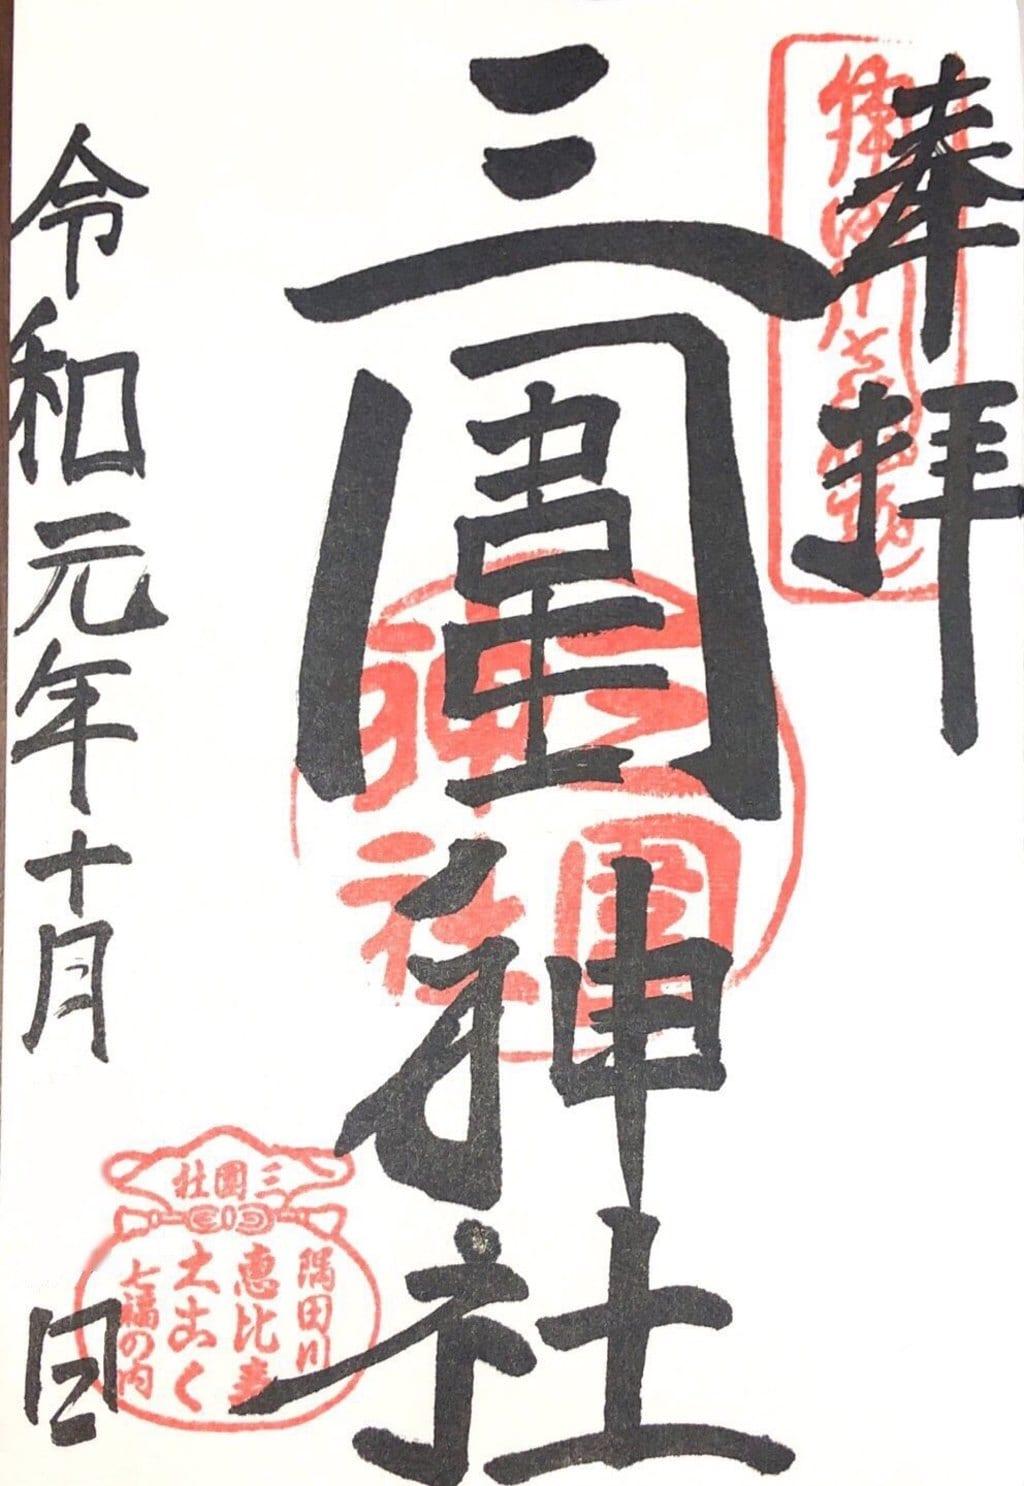 三囲神社(三越神社)の御朱印